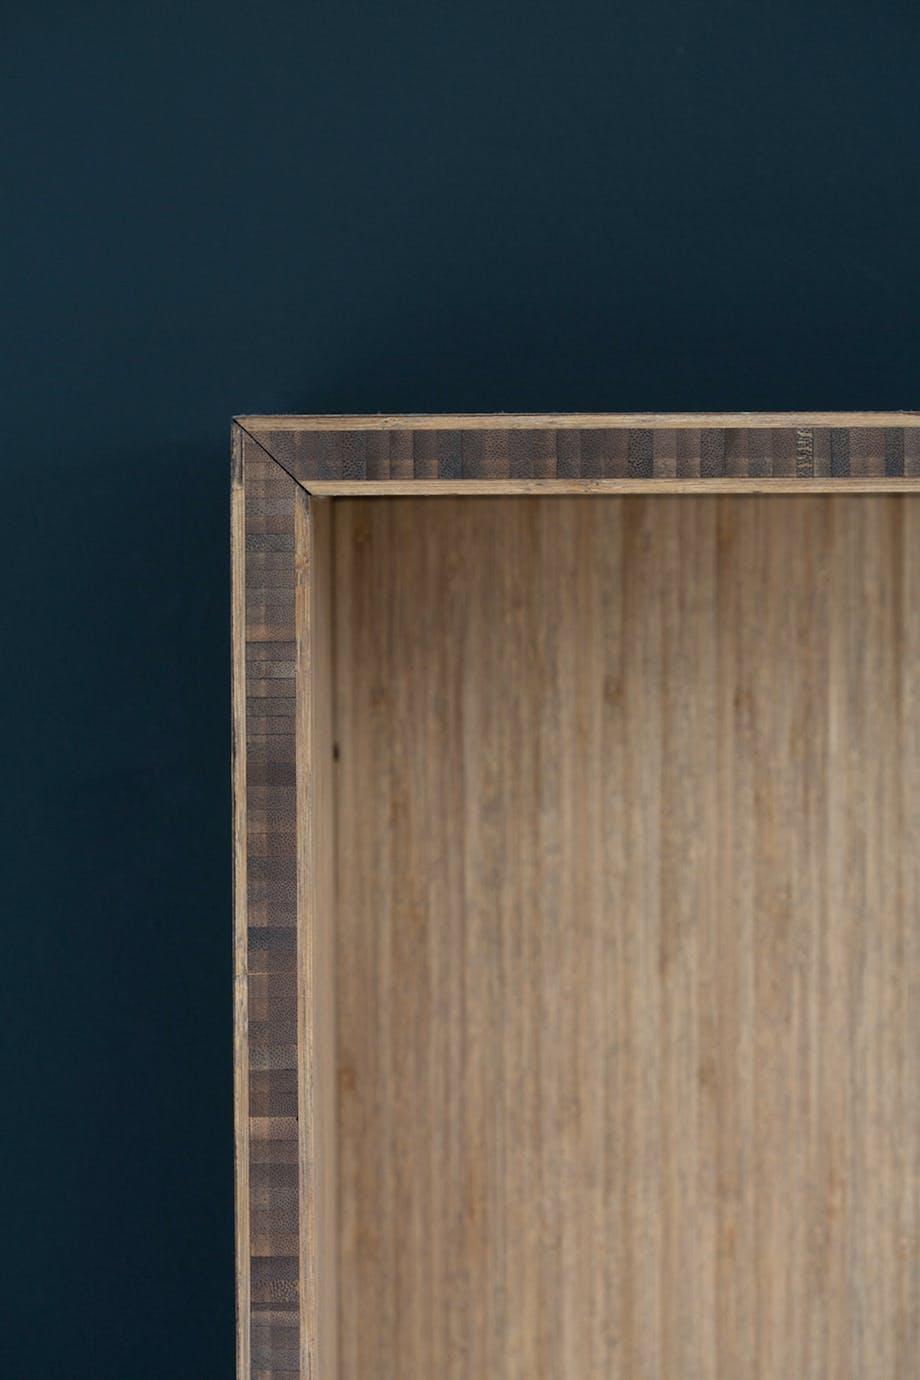 Bambus sengegavl detaljer sovgeværelse